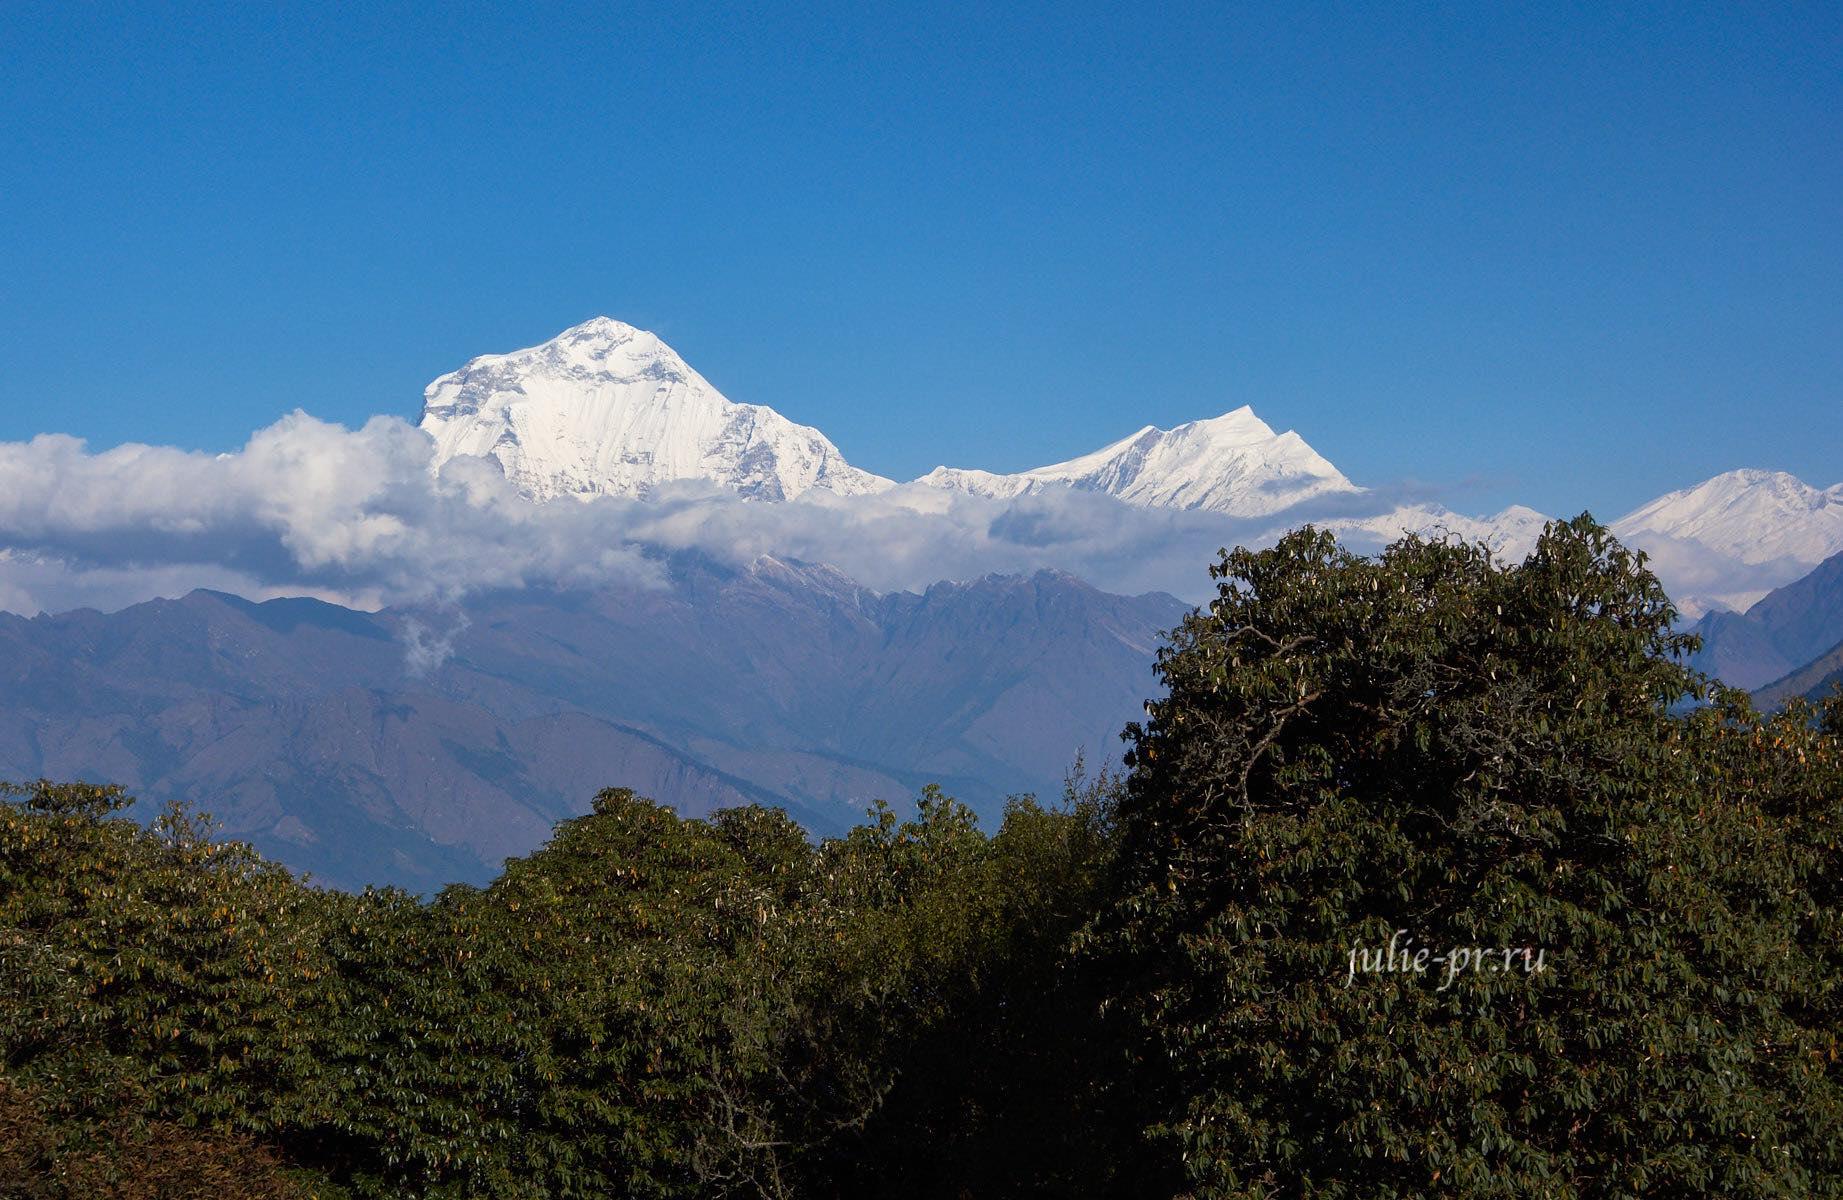 Непал, Пун-Хилл трек, Дхаулагири